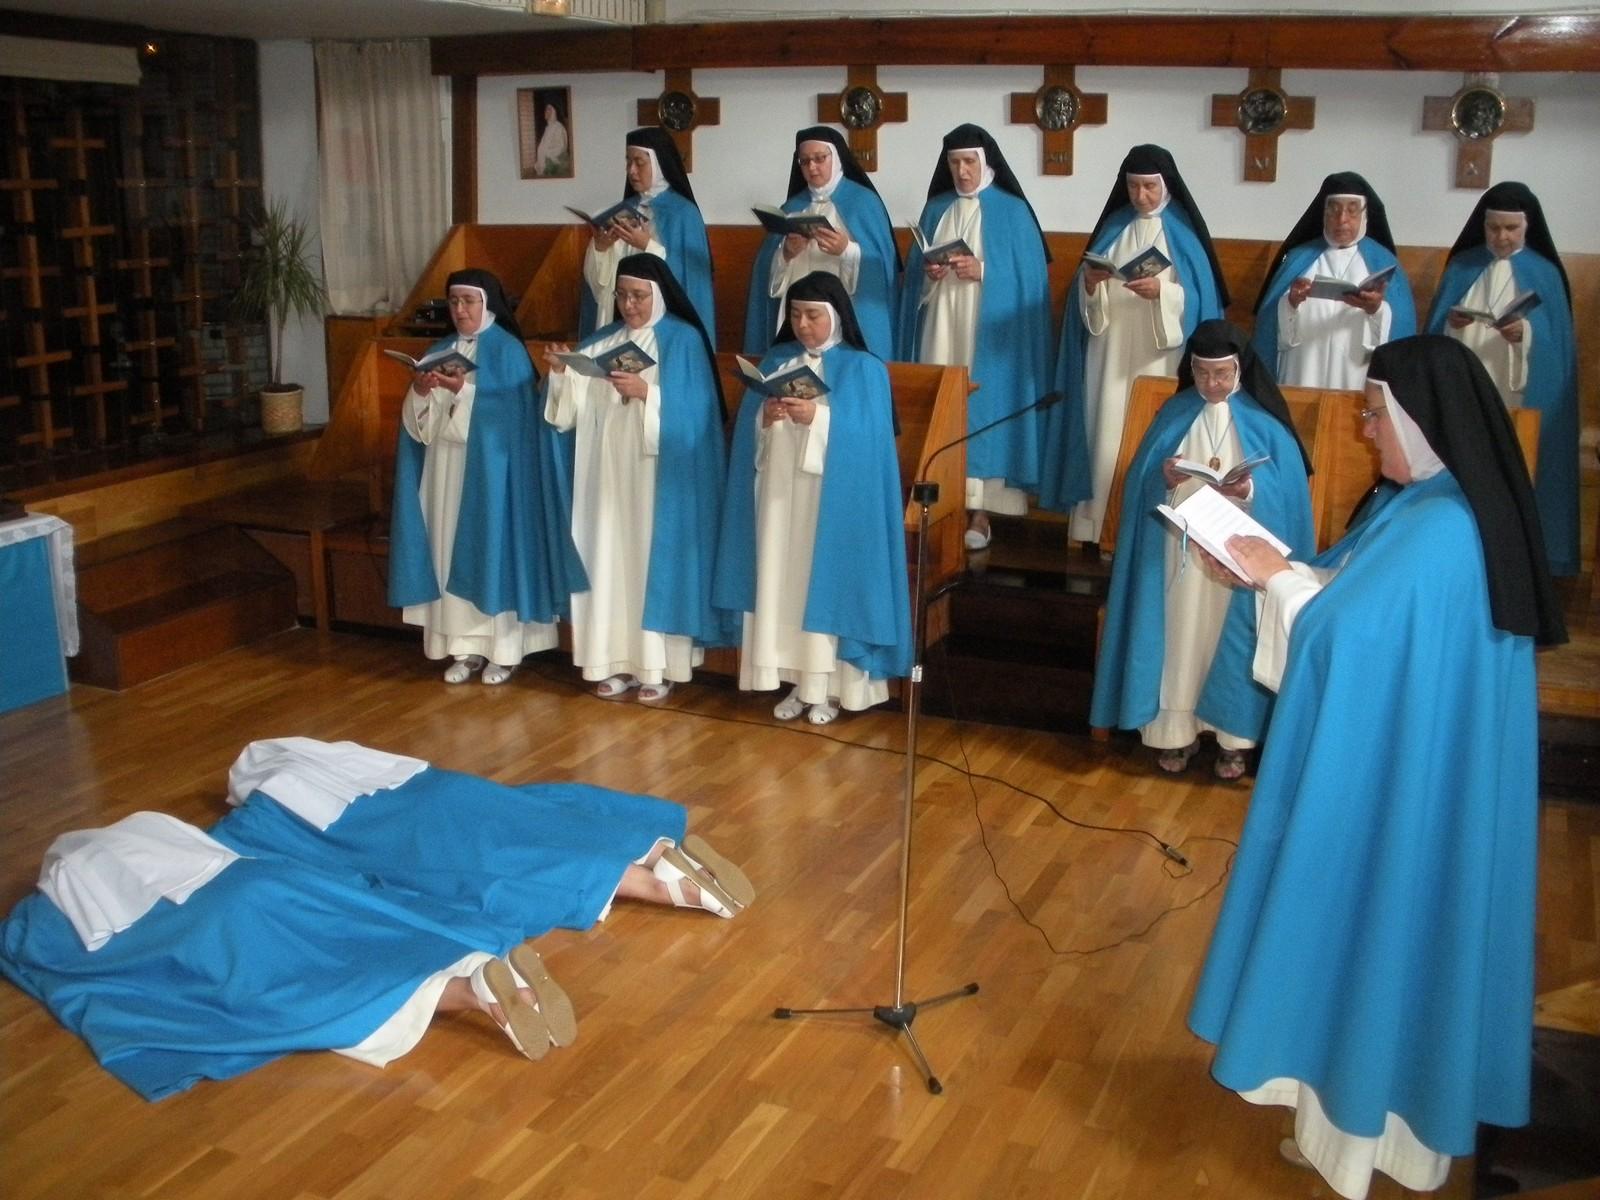 Nuestra Señora del Buen Suceso, Aparición referida a la Pasión de la Iglesia, Ecuador (2 feb)